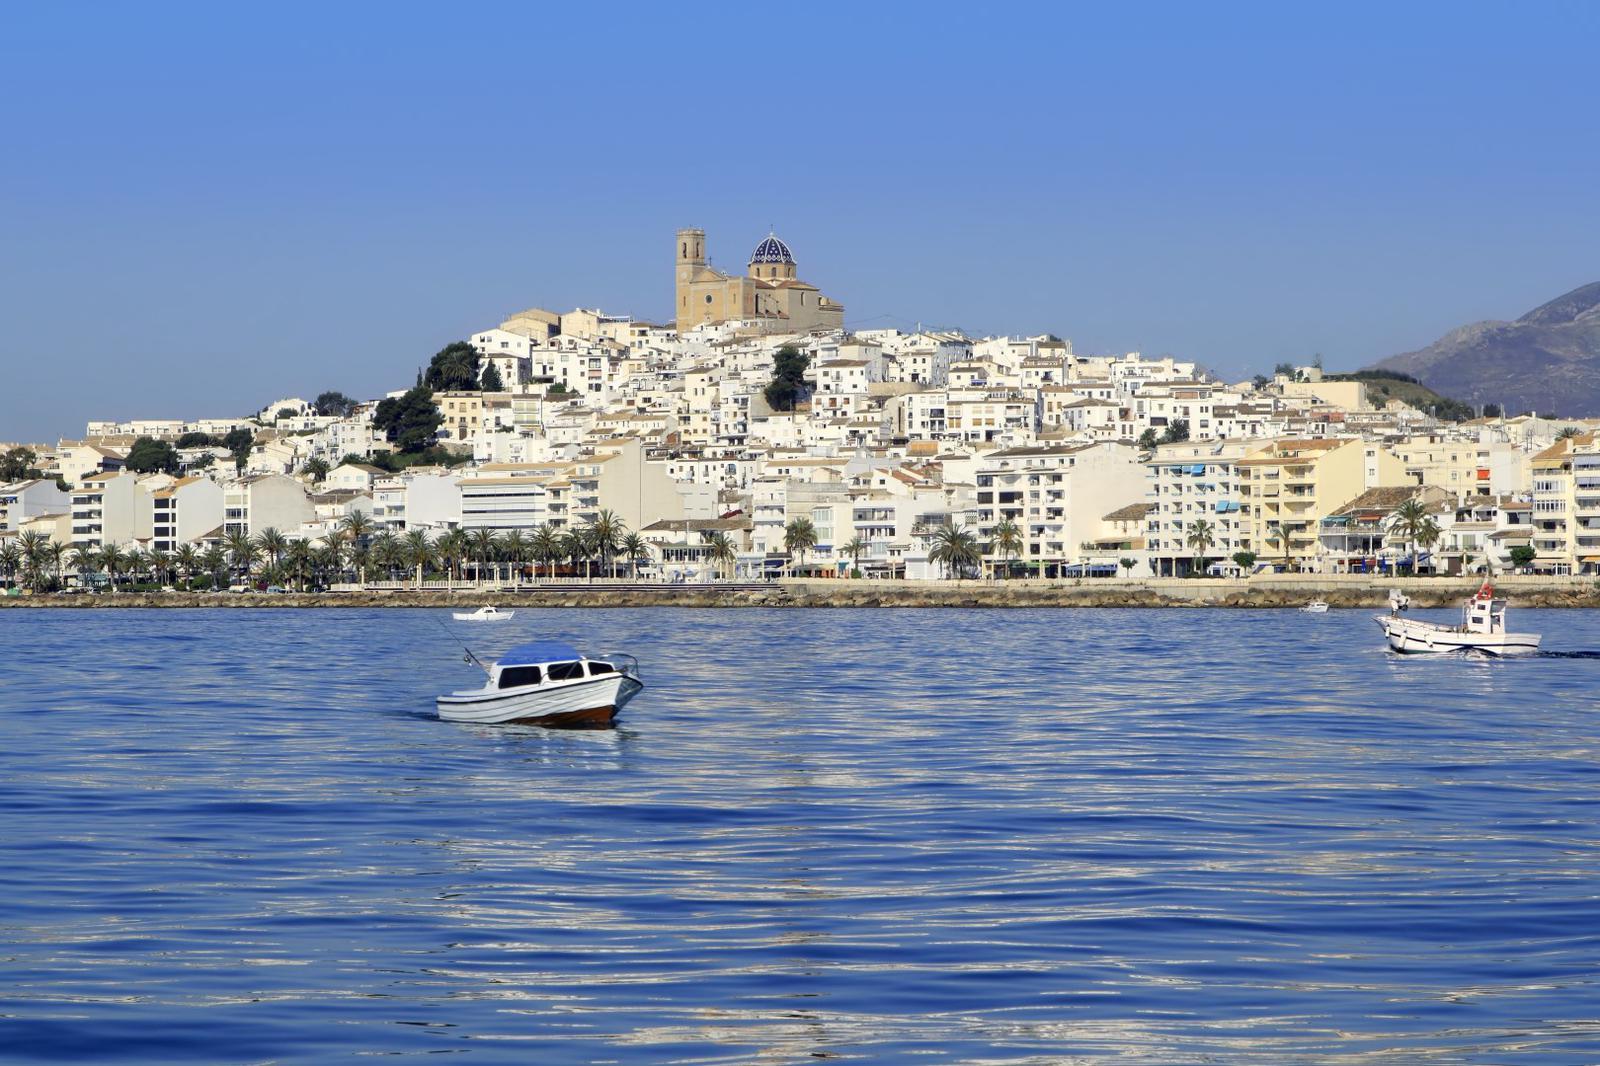 Vista desde el mar de Altea en Alicante